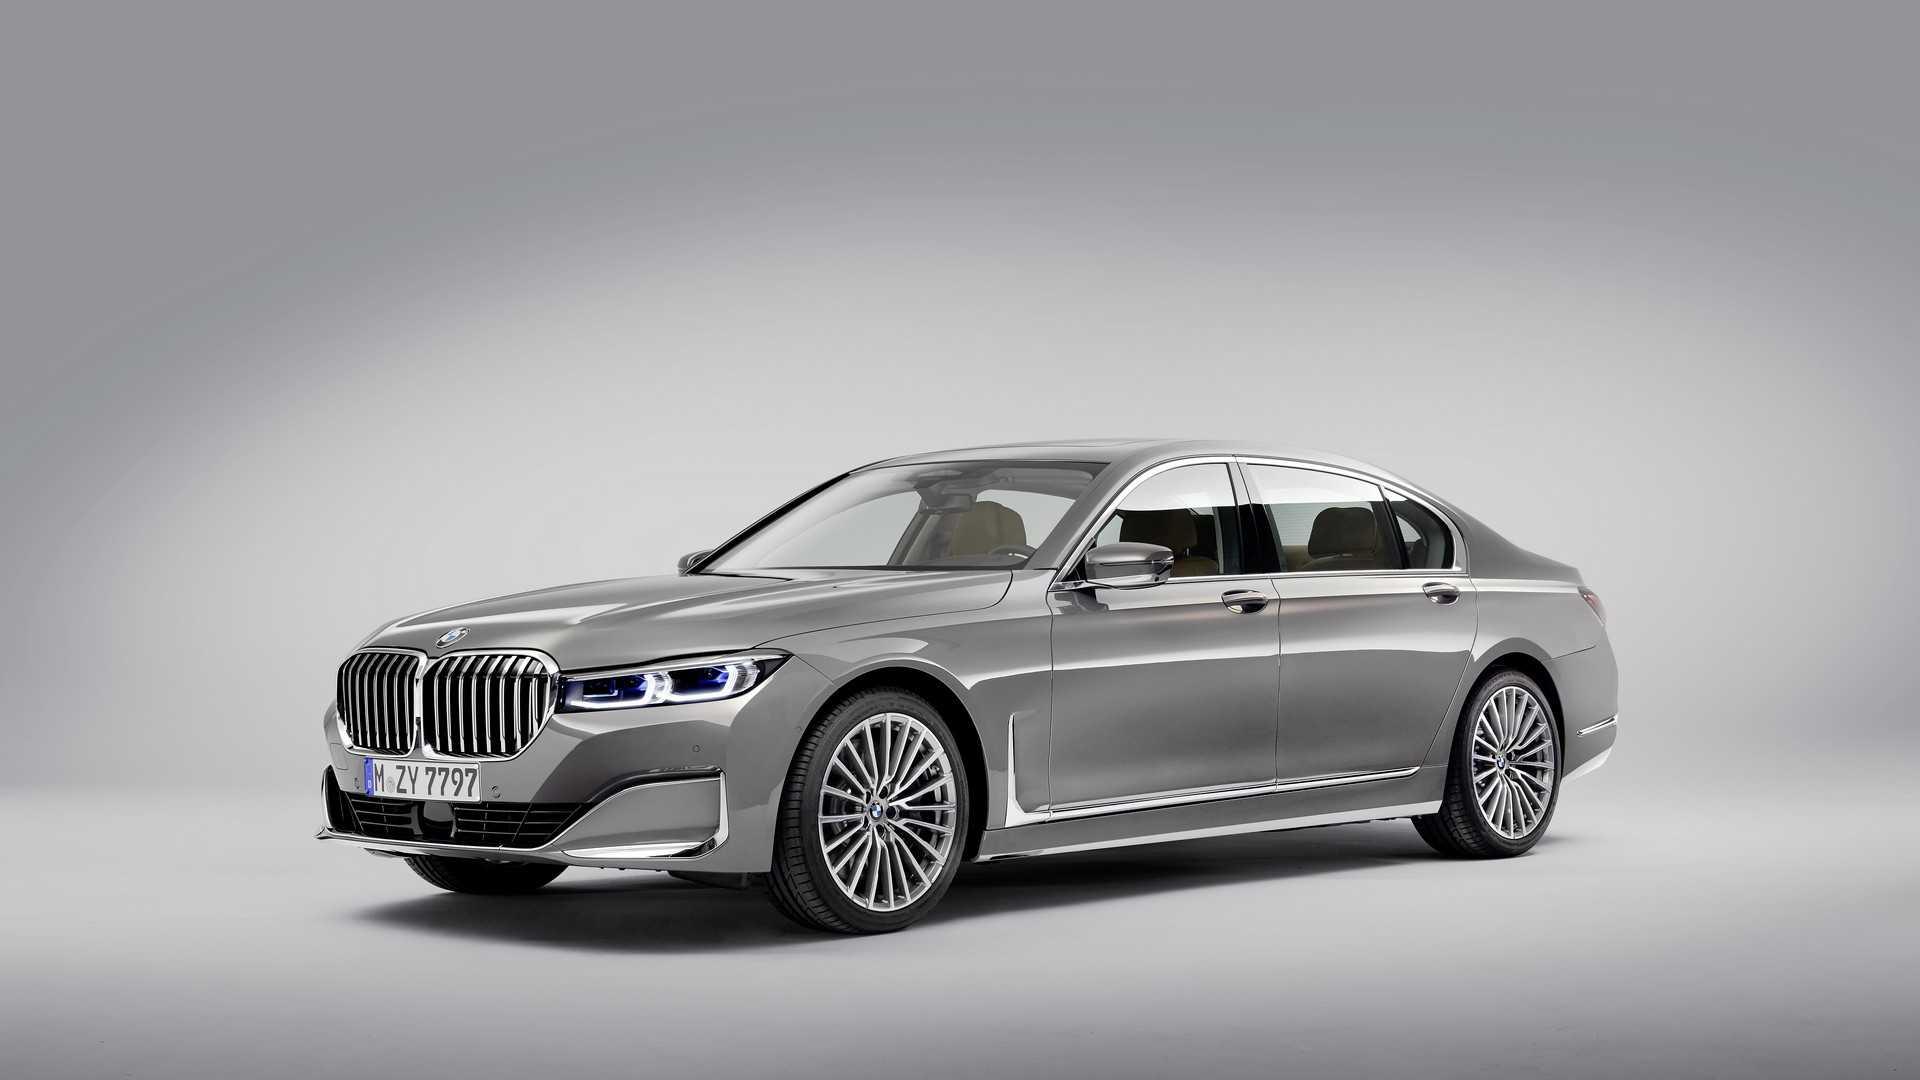 Покупателям понравилась гигантская решётка радиатора BMW 7 Series 1